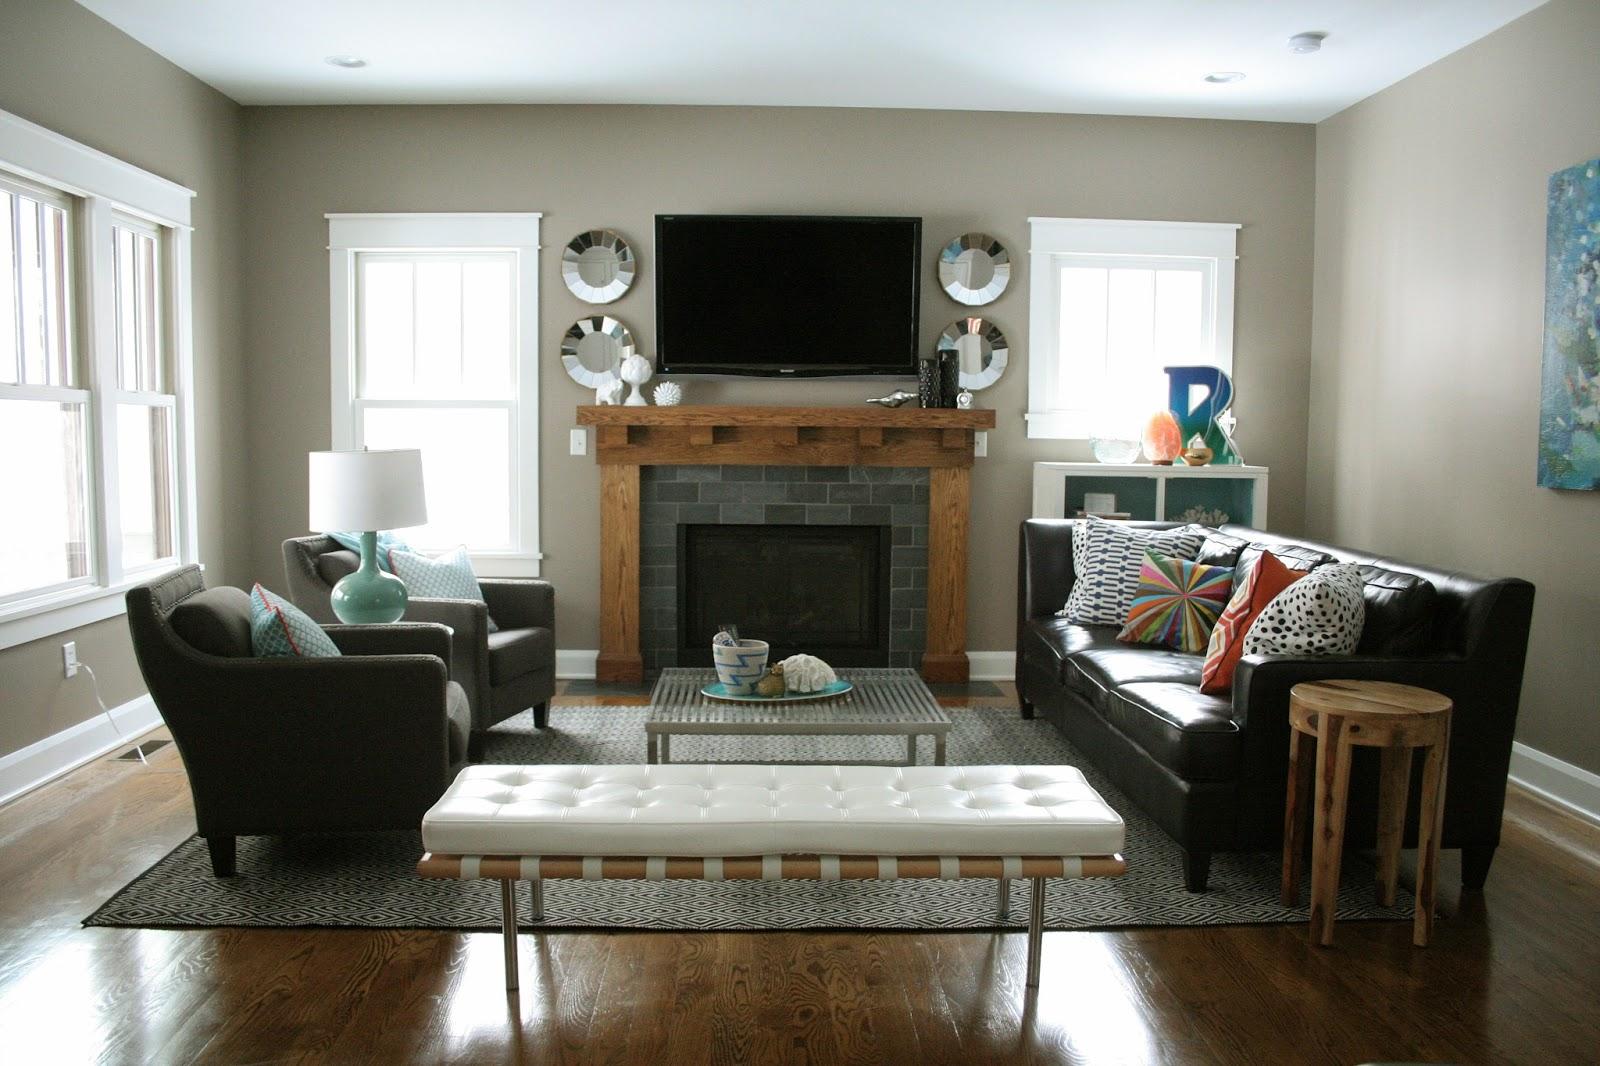 Picturesque Luxury Living Room Furniture Arrangement Living Room Furniture Arrangement Homesfeed Large Living Room Furniture Placement living room Large Living Room Furniture Placement